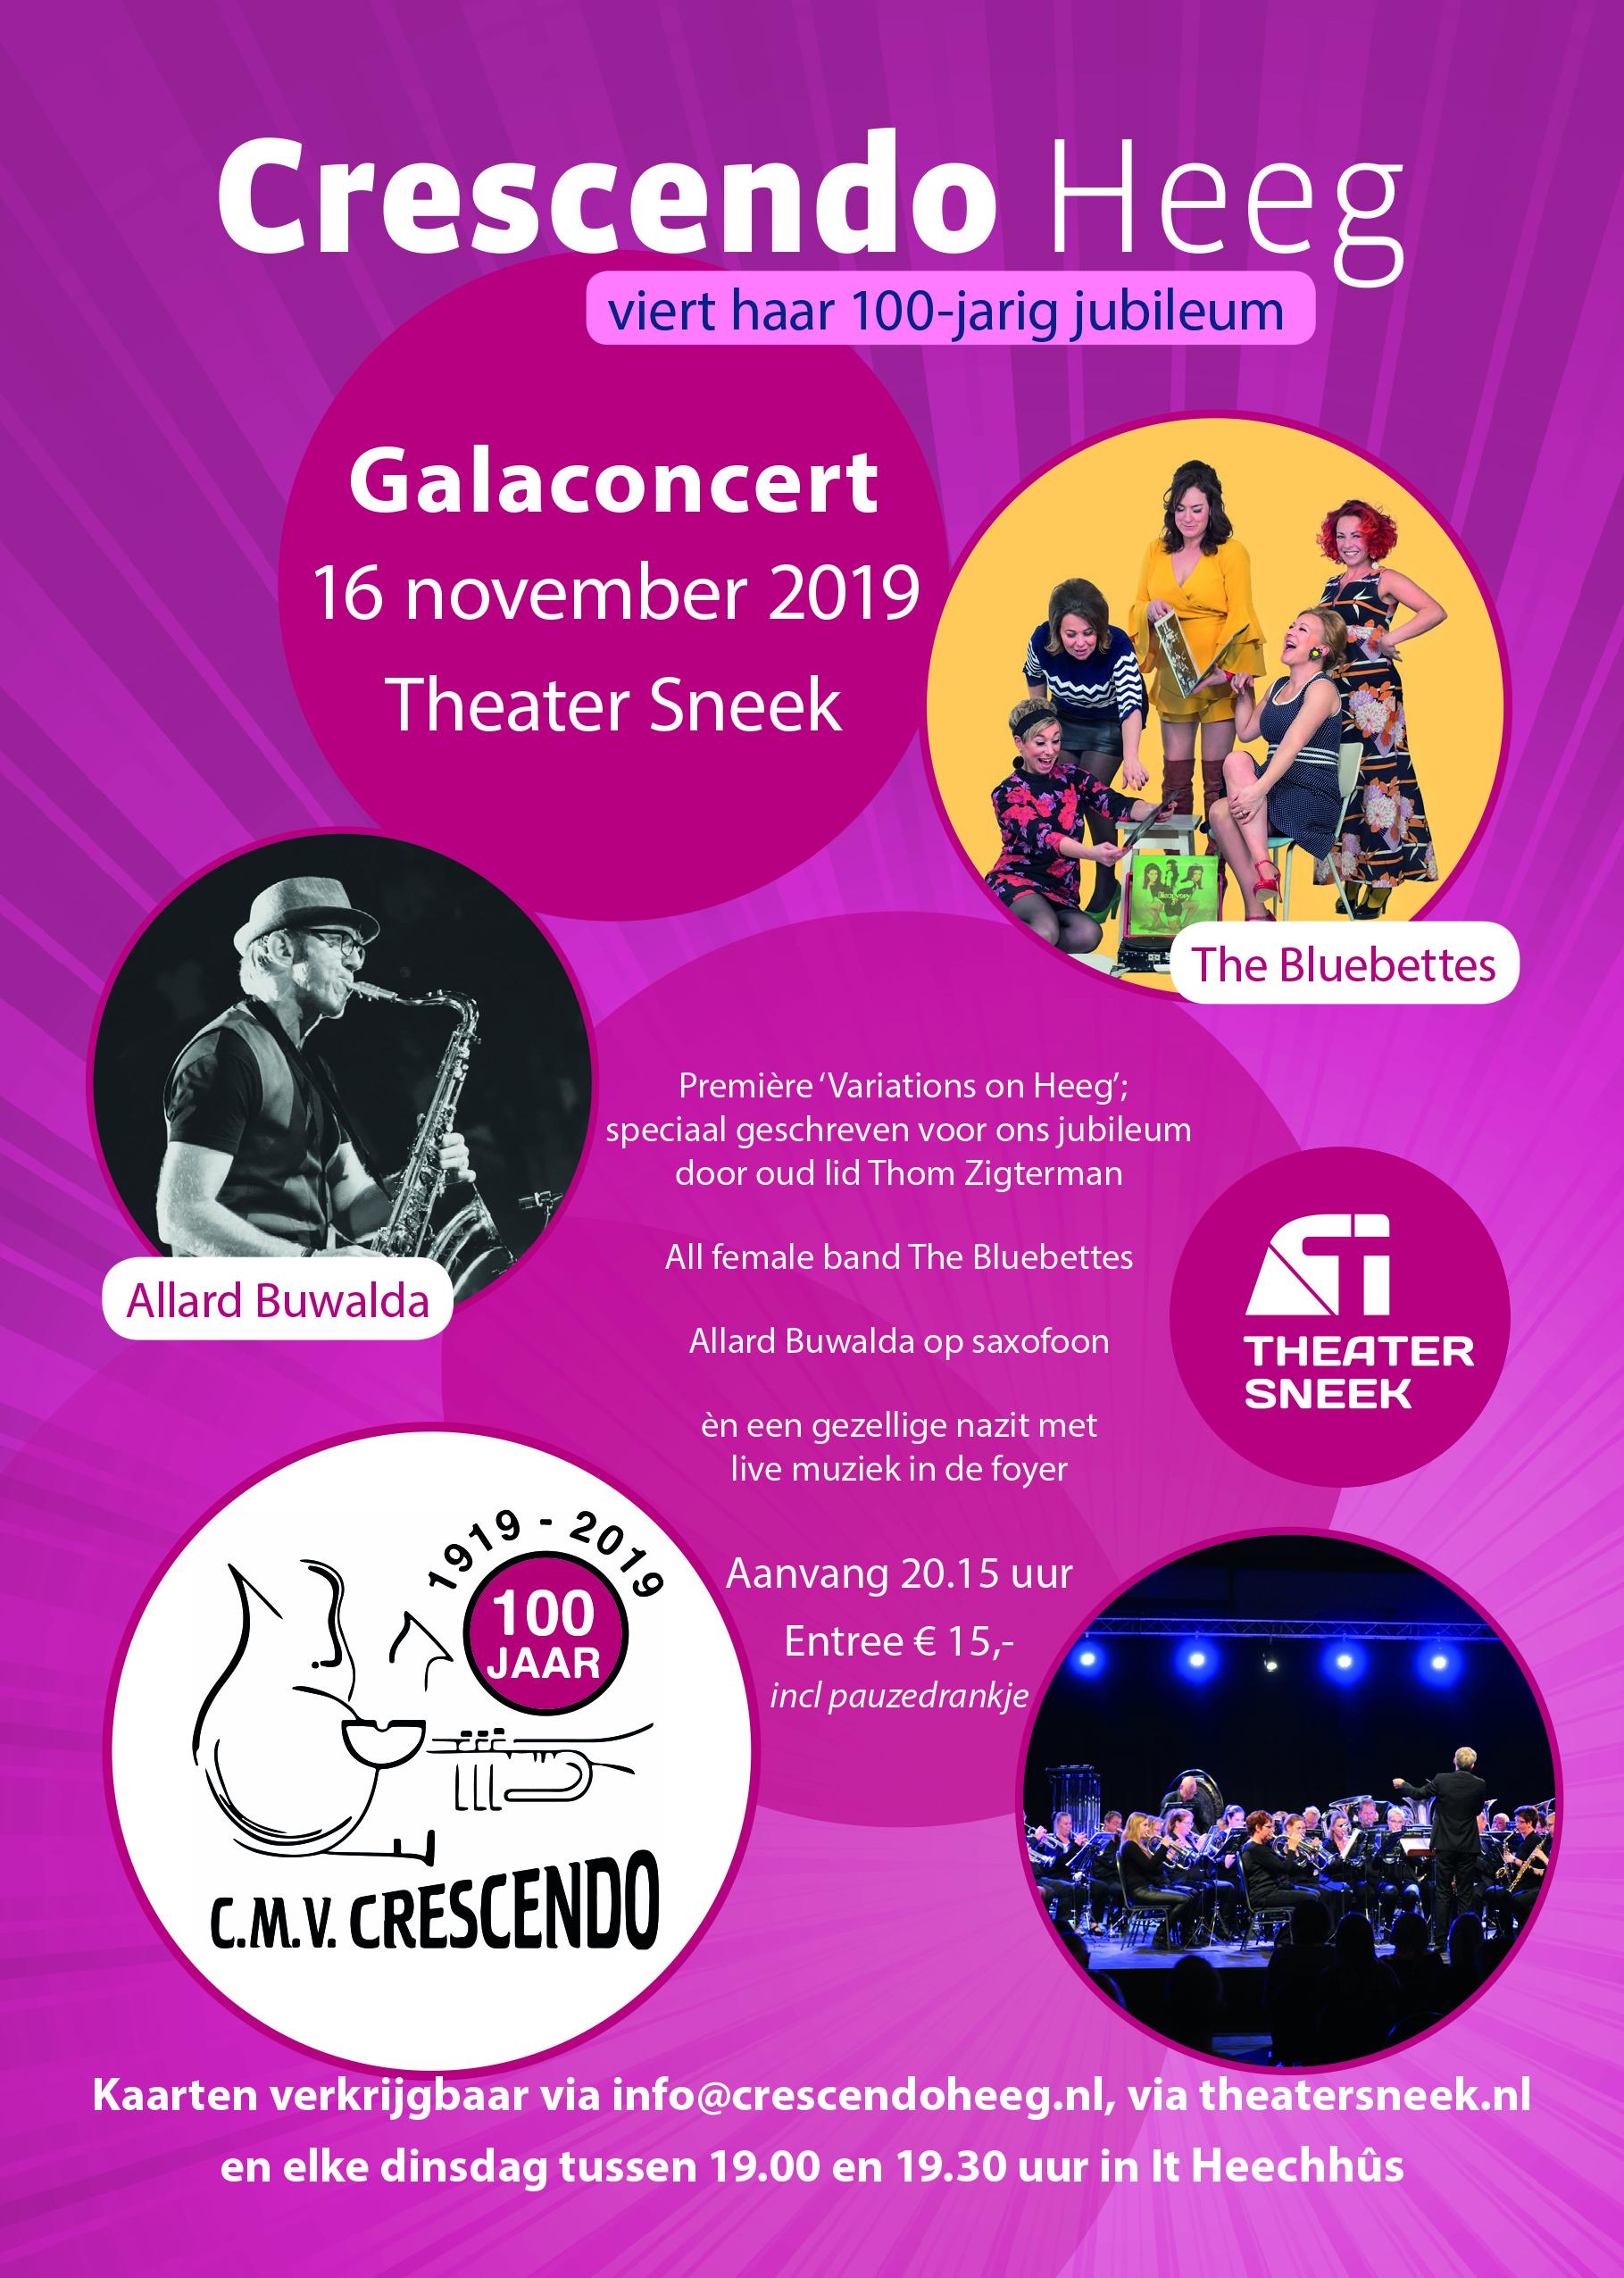 Concert Crescendo Heeg 16-11